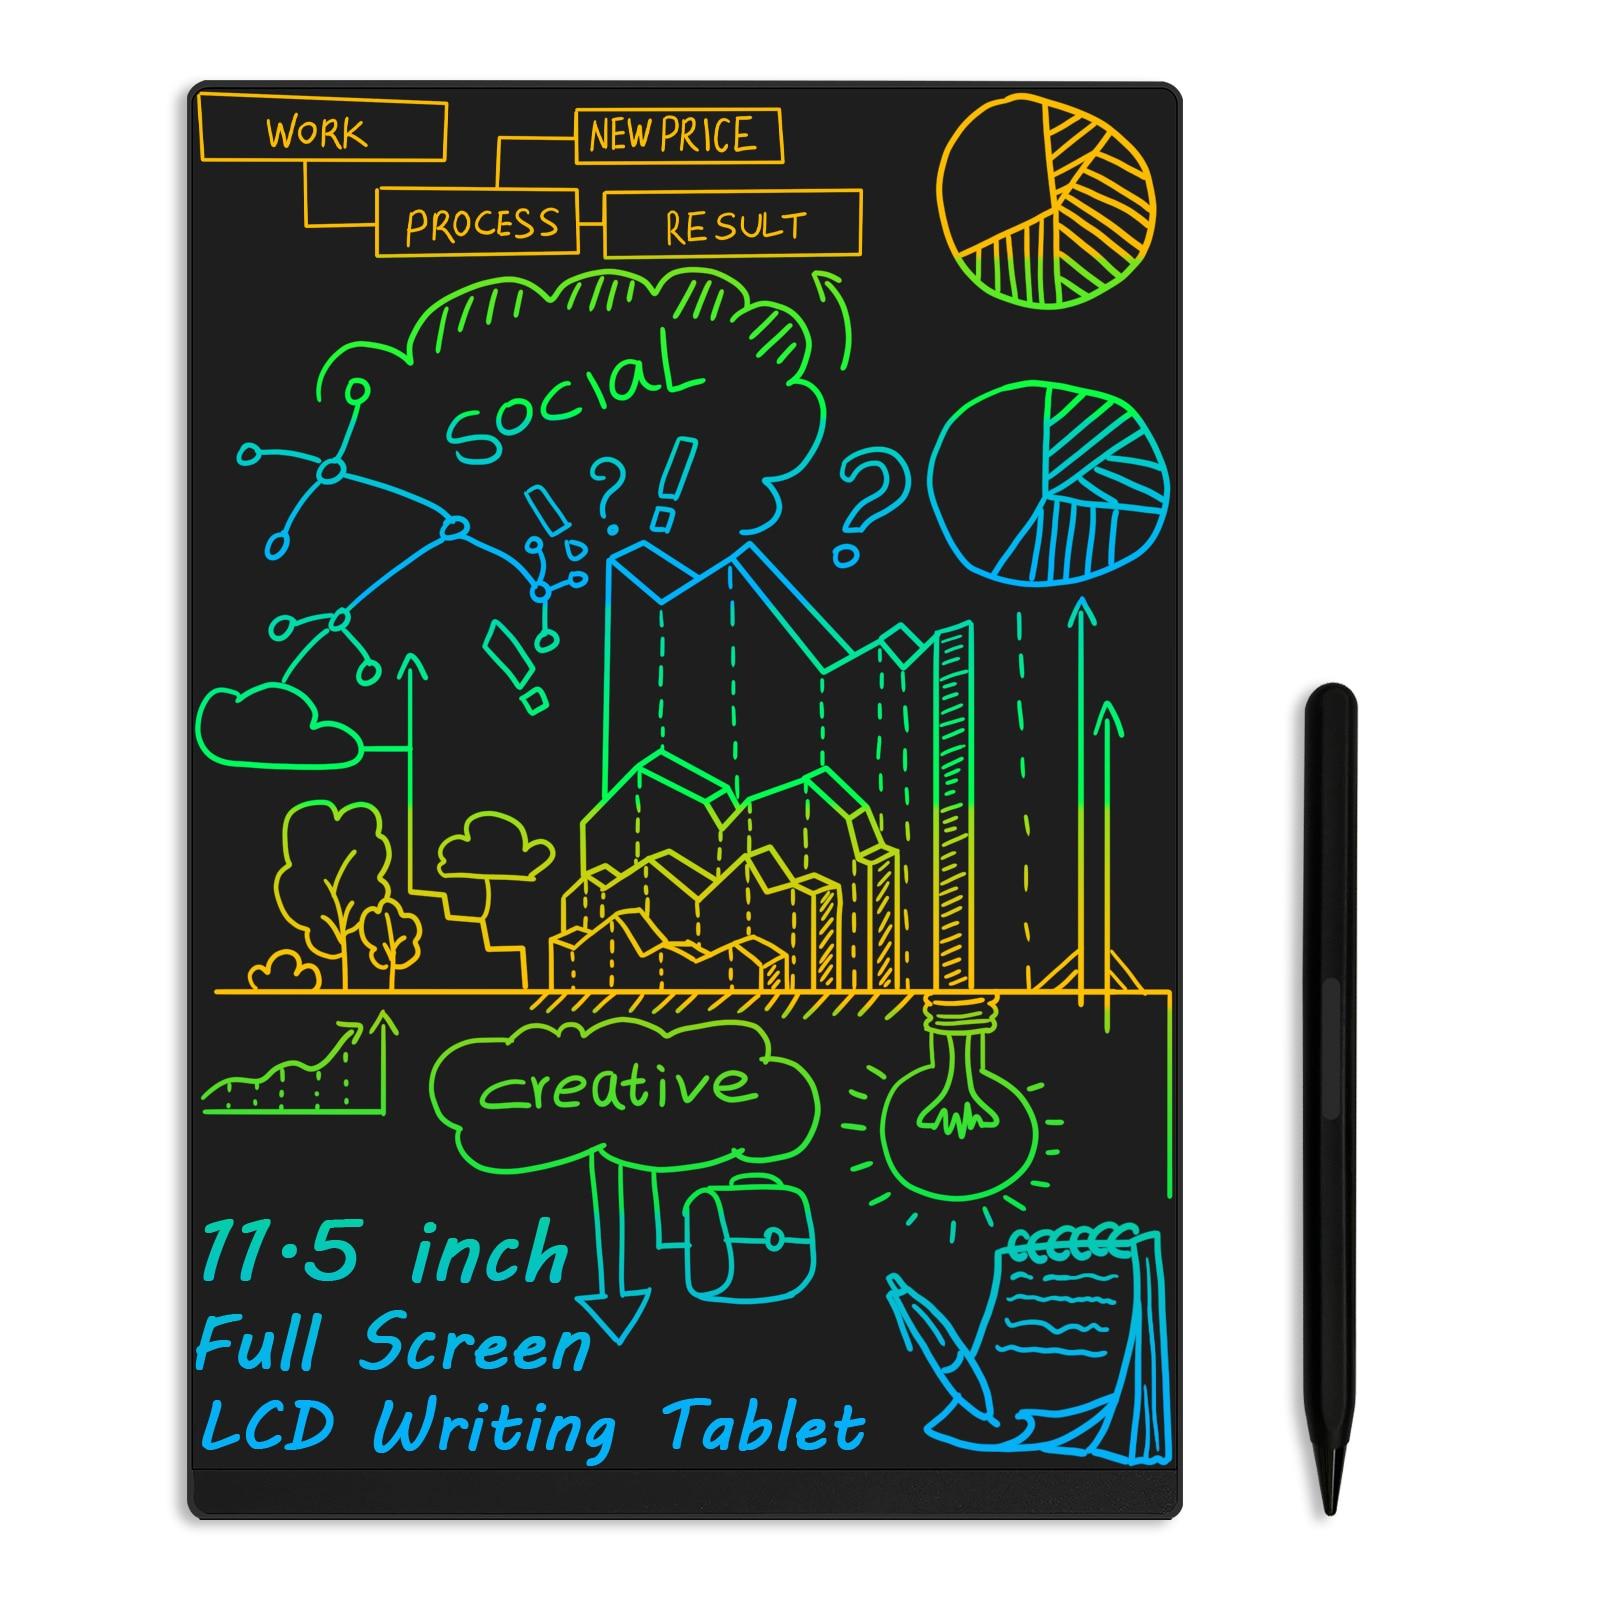 جهاز لوحي للكتابة بشاشة LCD مقاس 11.5 بوصة رفيعة للغاية مع مغناطيس مدمج ولوحة رسم رسومية مبتكرة ولوحة مذكرات للعمل والمنزل